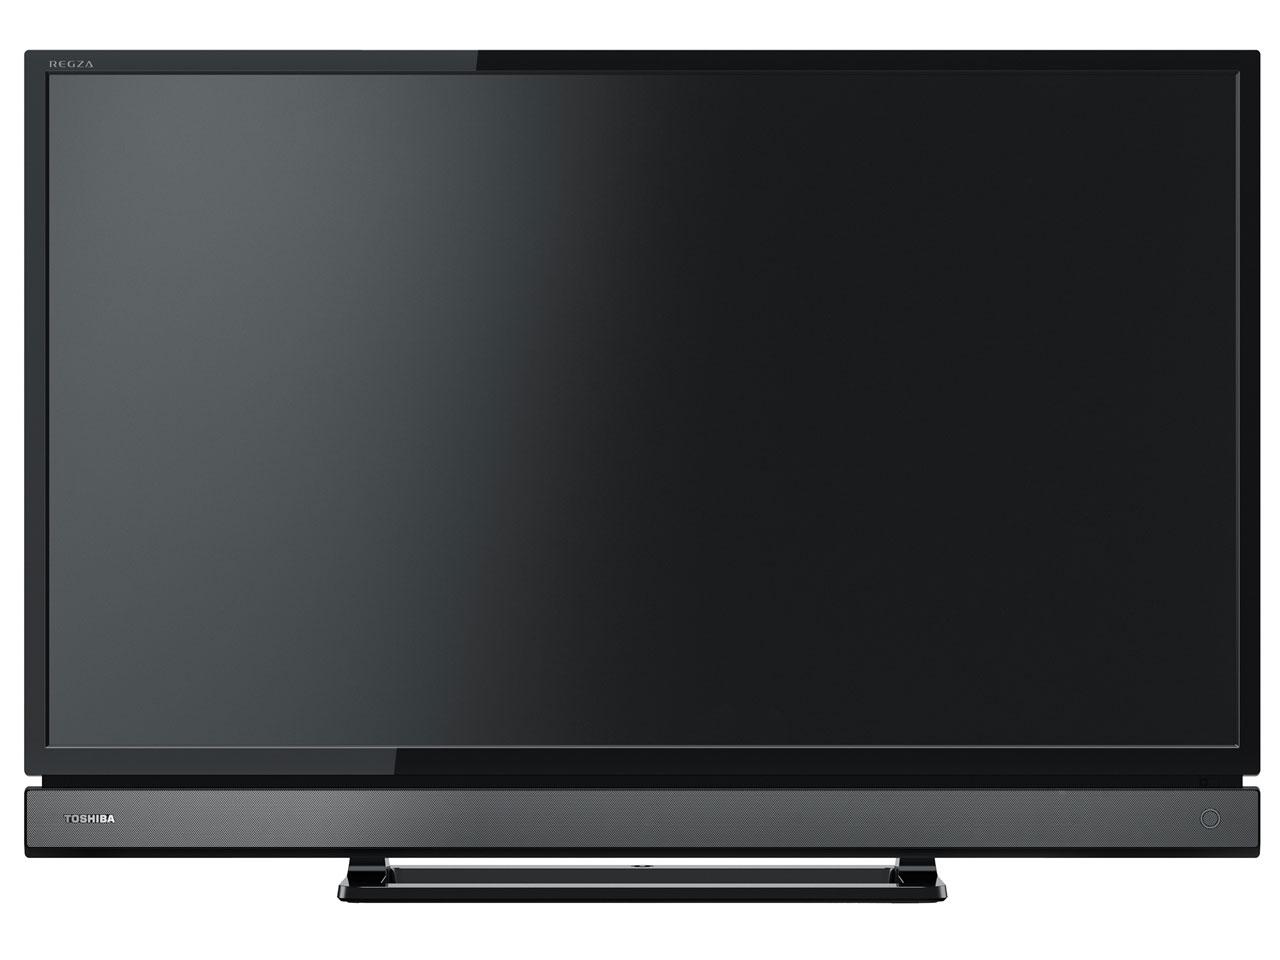 【新品/取寄品】32V31 レグザ 32V型 地上・BS・110度CSデジタルハイビジョン液晶テレビ